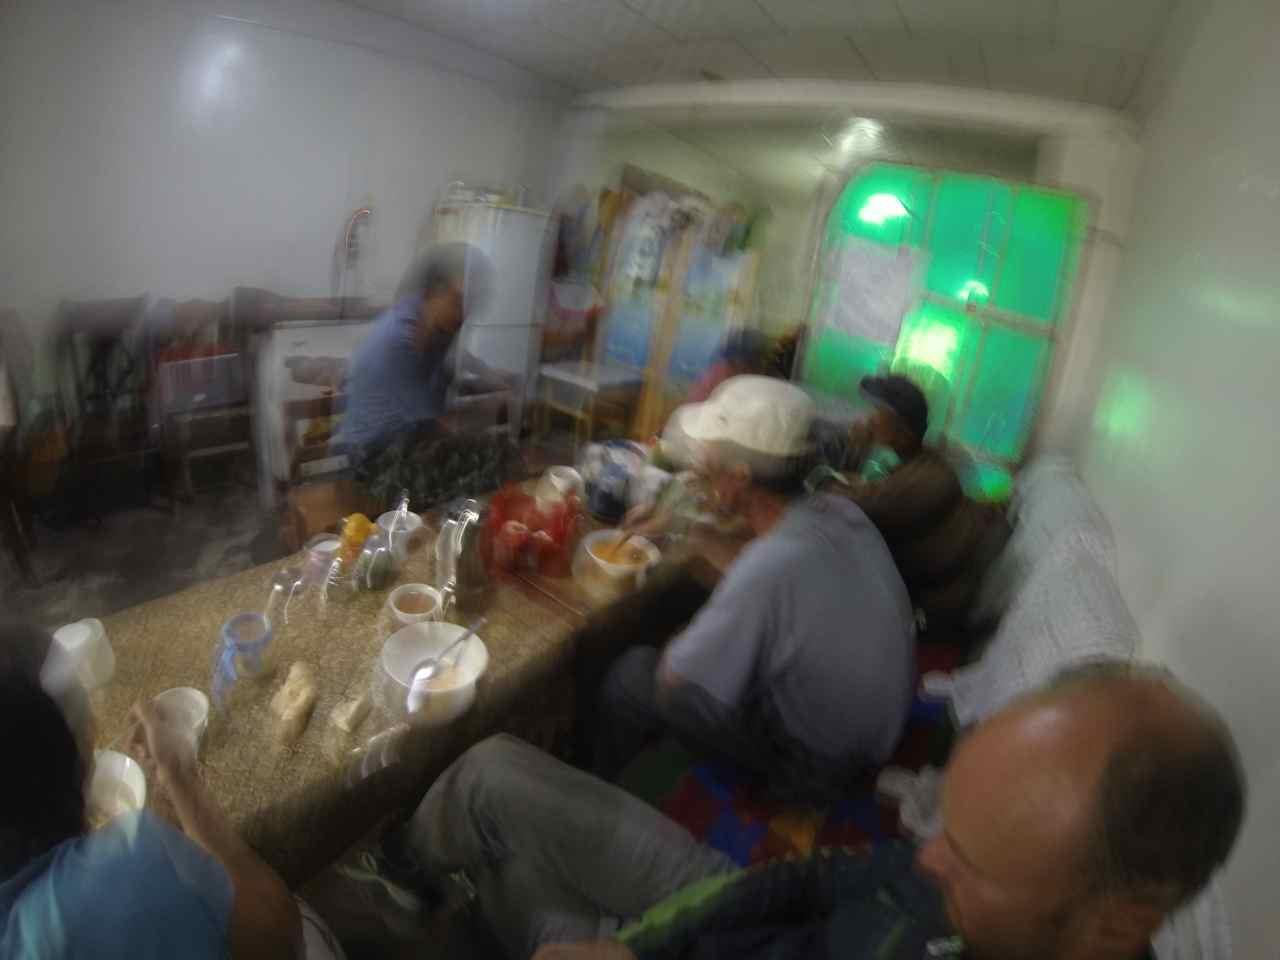 บรรยากาศในร้านที่เรามาแวะกินข้าวเย็นกันที่ร้านง่าย ๆ แอบถ่ายเลยไม่ชัด ;-)